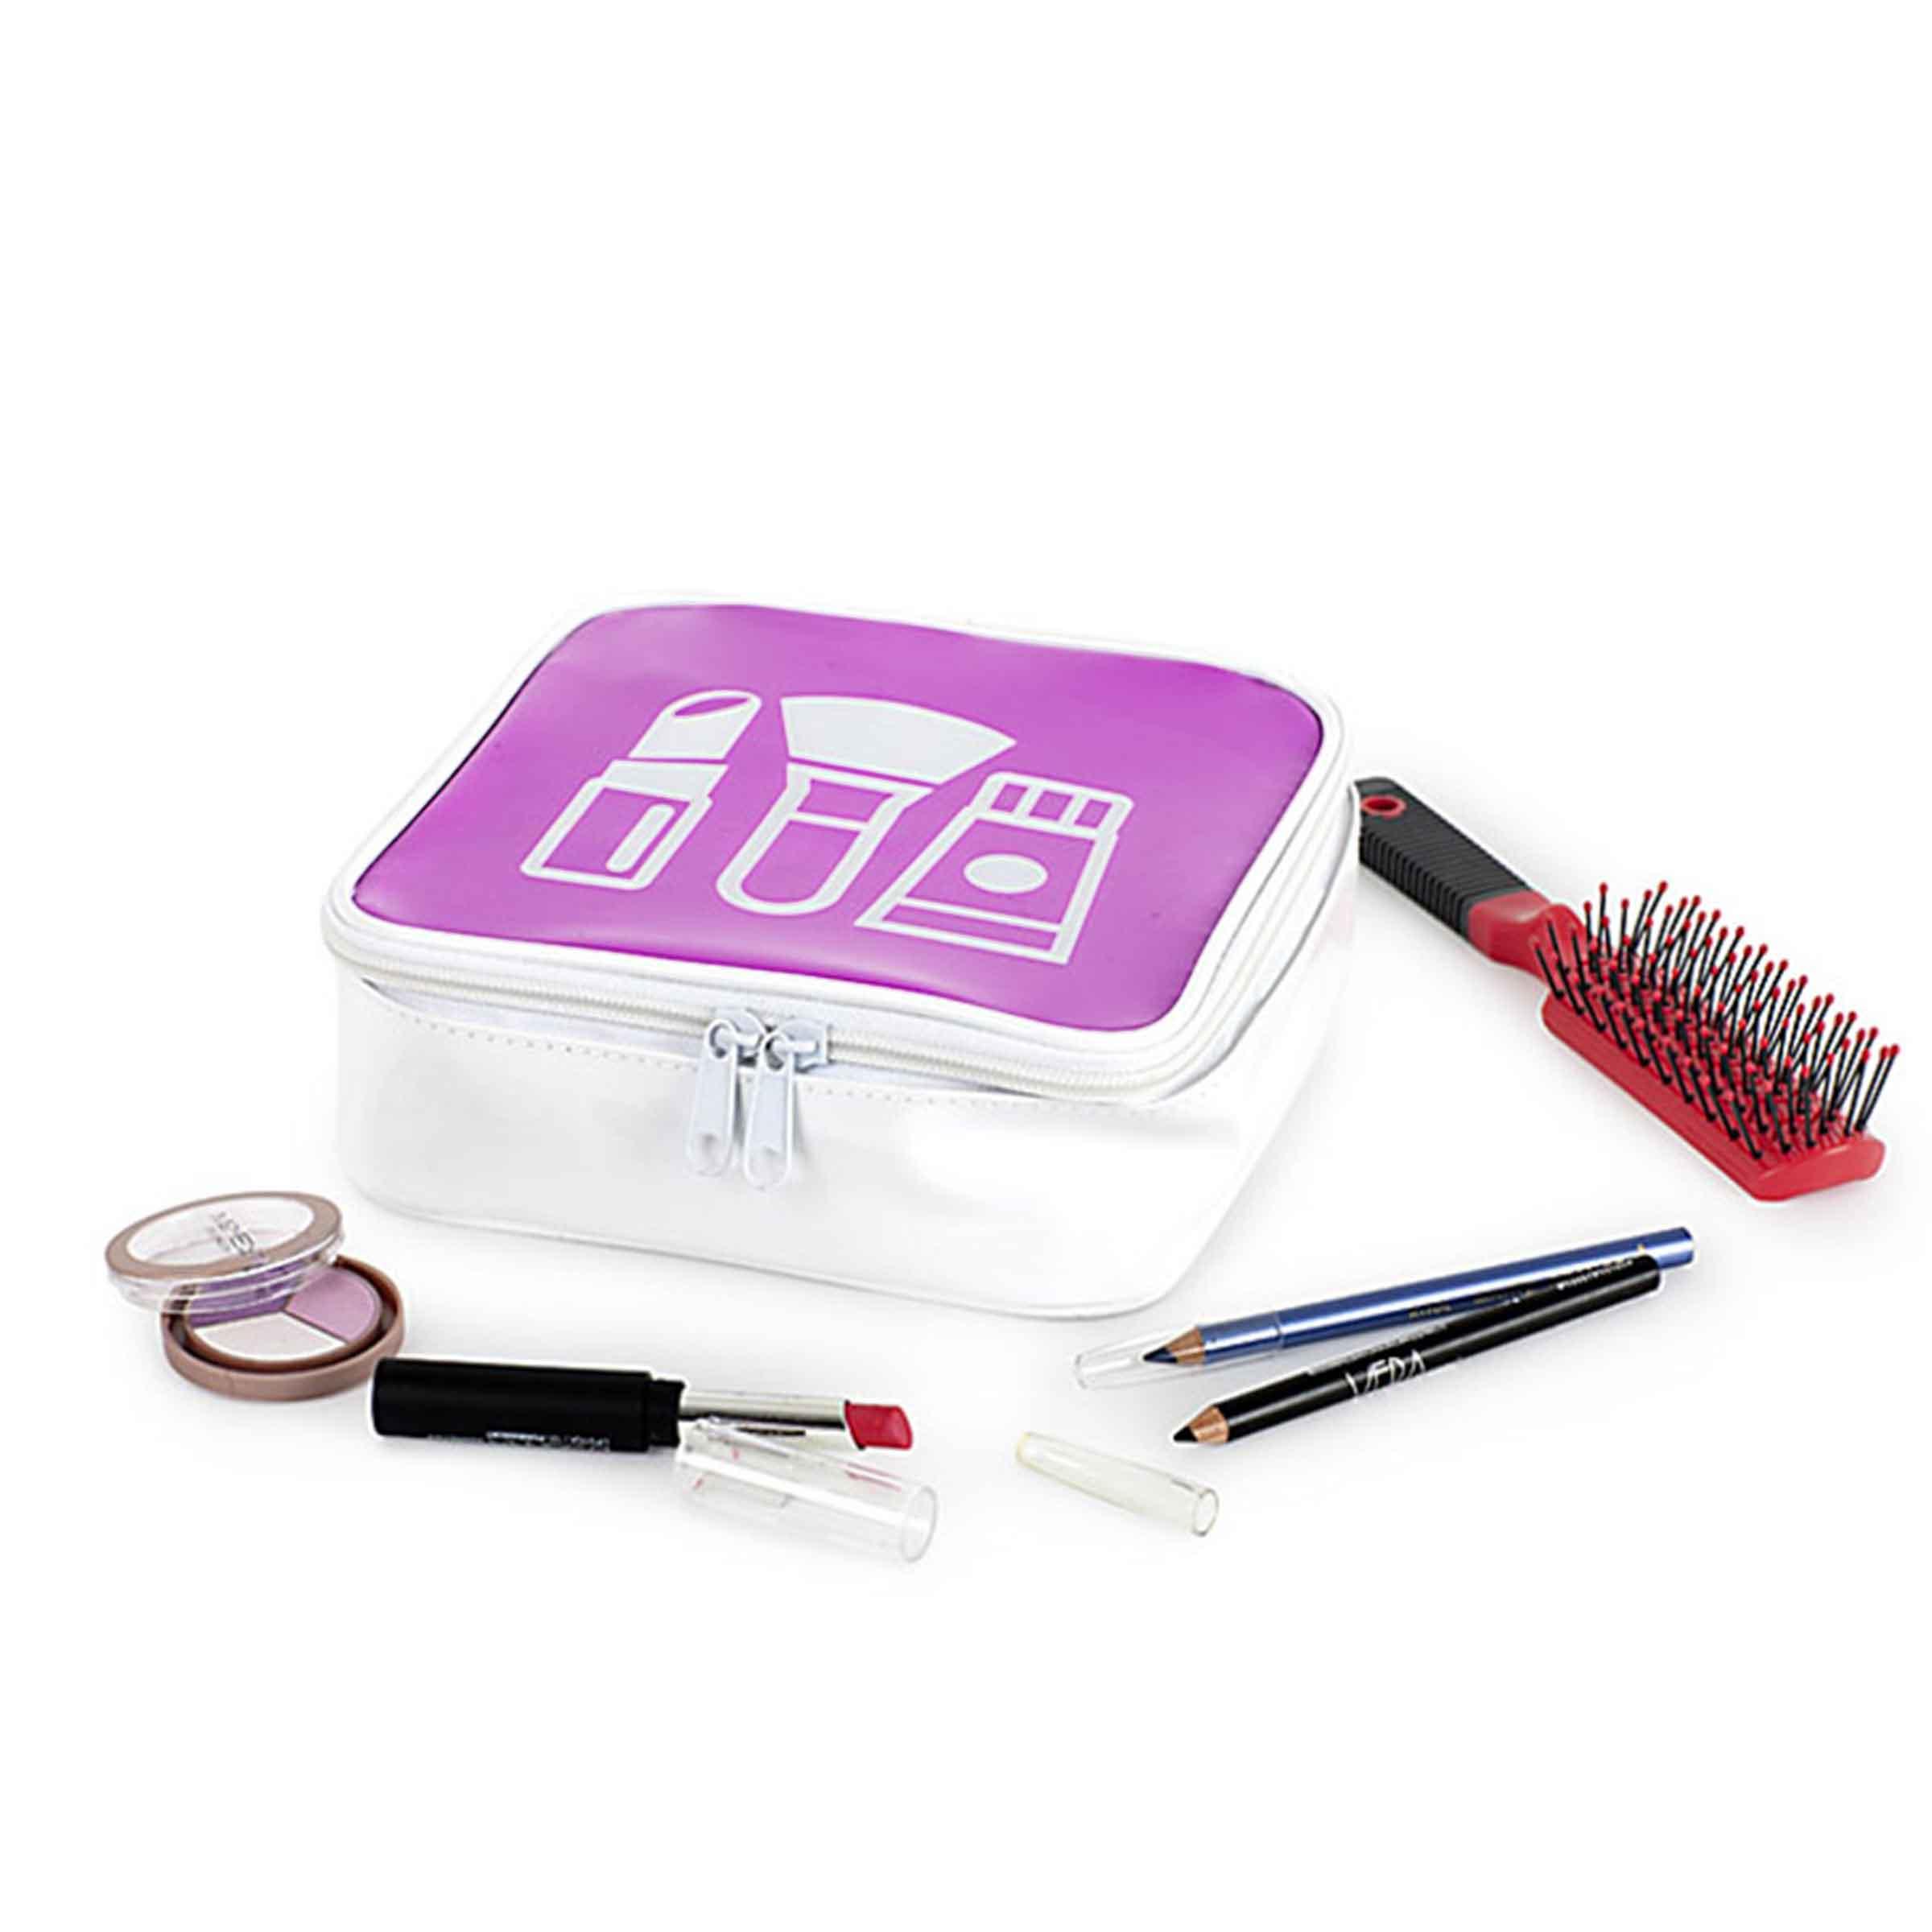 Trousse à maquillage en plastique blanc et violet avec fermeture éclair